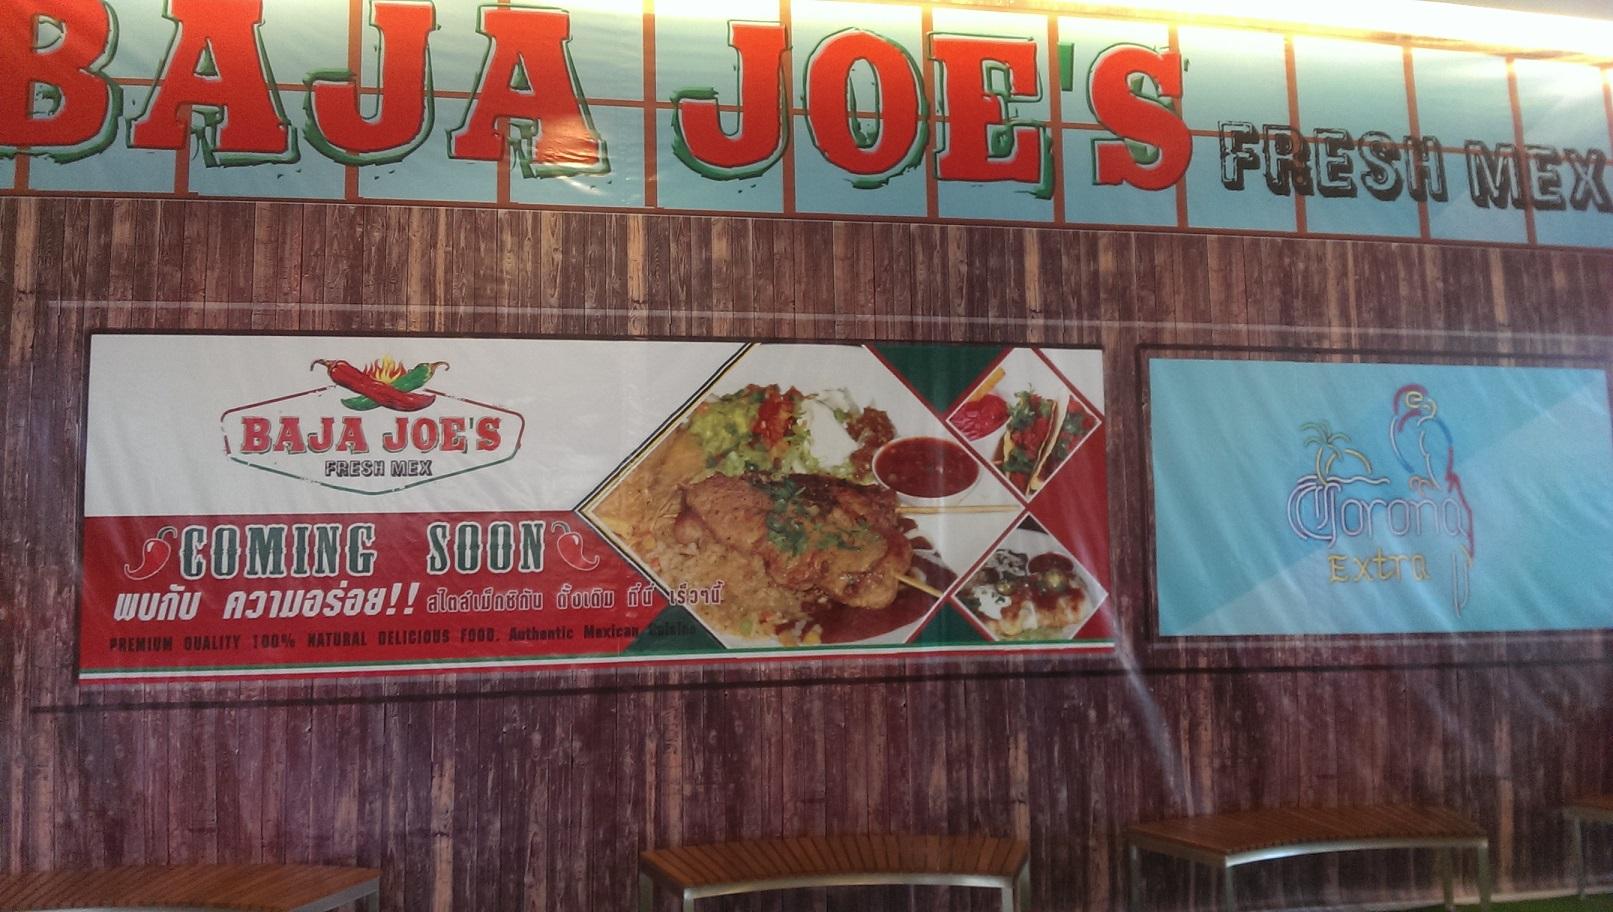 Baja Joe's